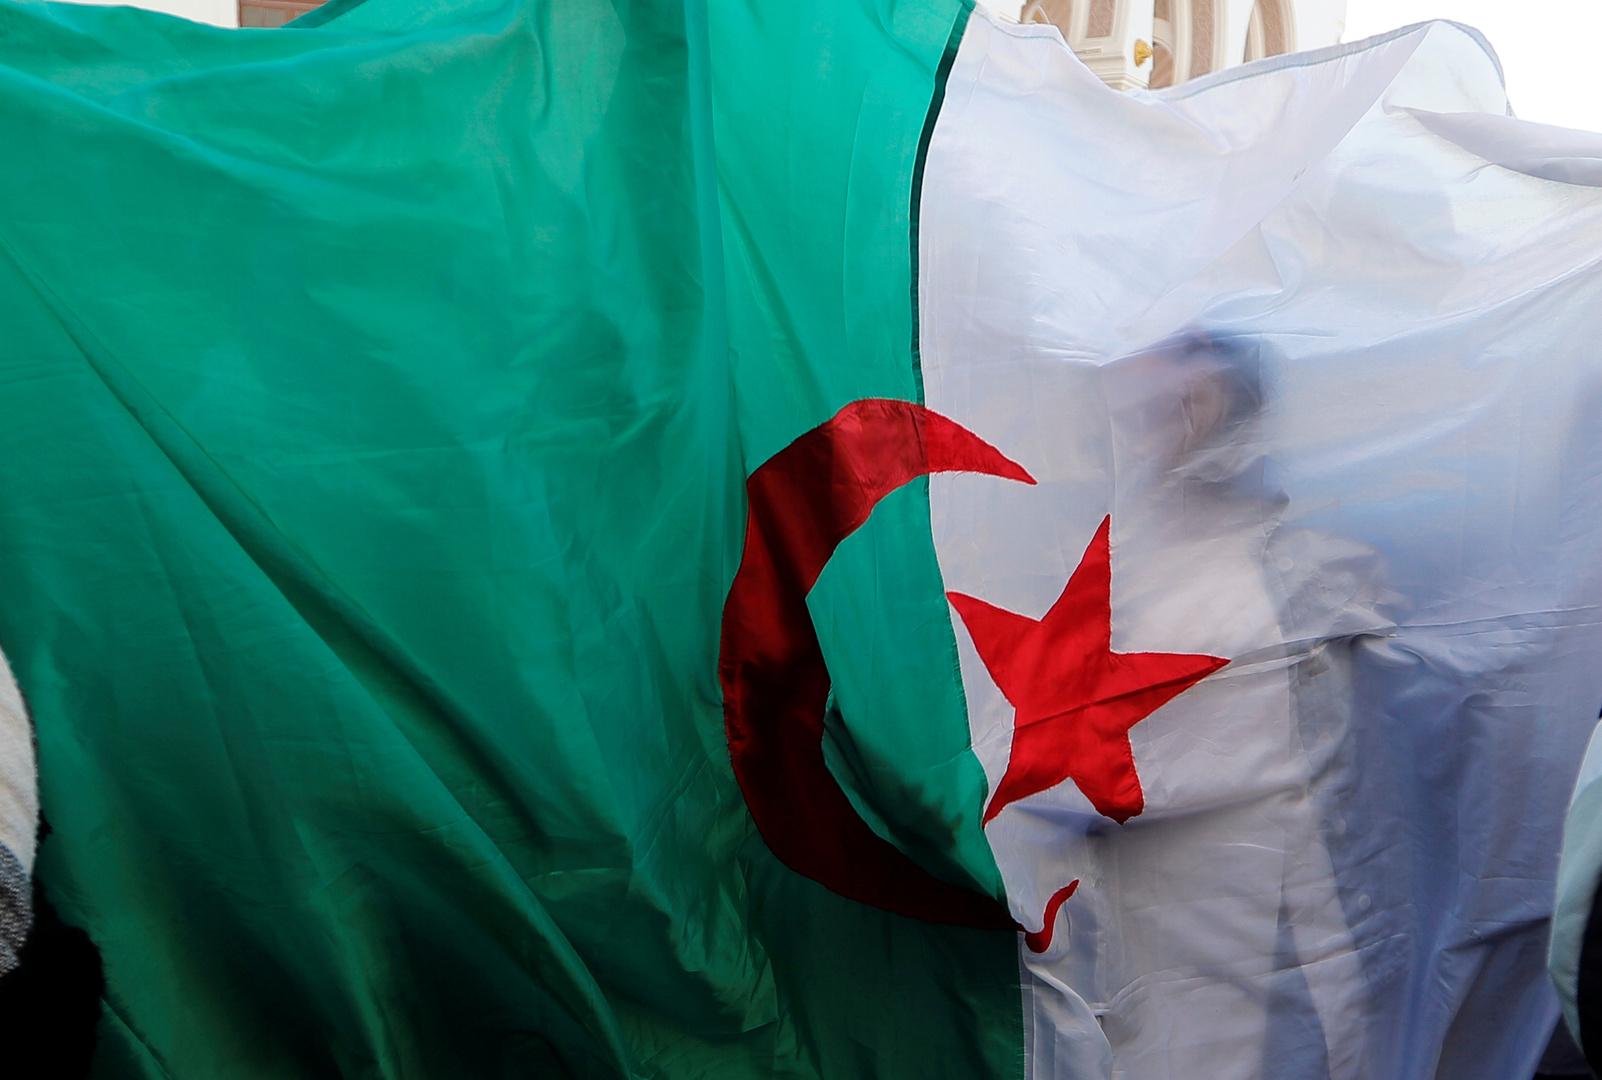 اعتقال اثنين من المعارضين الجزائريين البارزين قبل الانتخابات